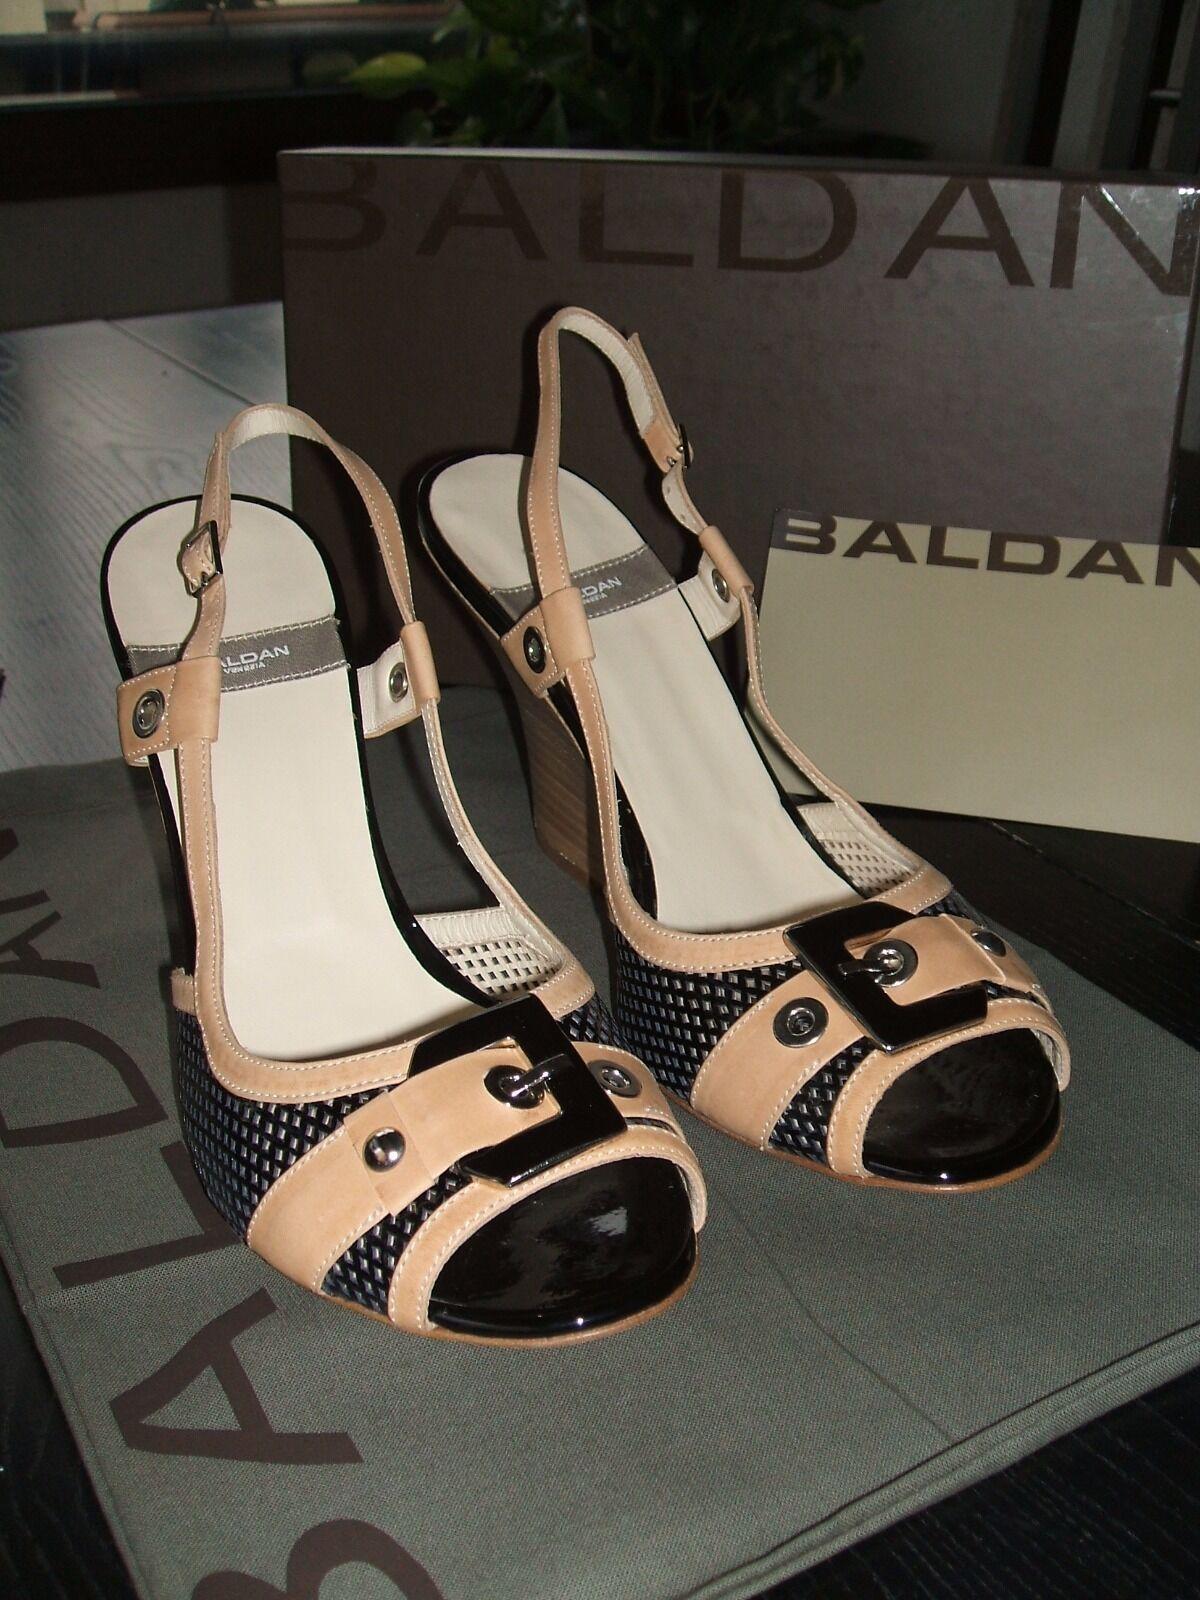 Magnifiques Magnifiques Magnifiques Sandales  Baldan Venezia  NEUVES JAMAIS PORTEES 863d60